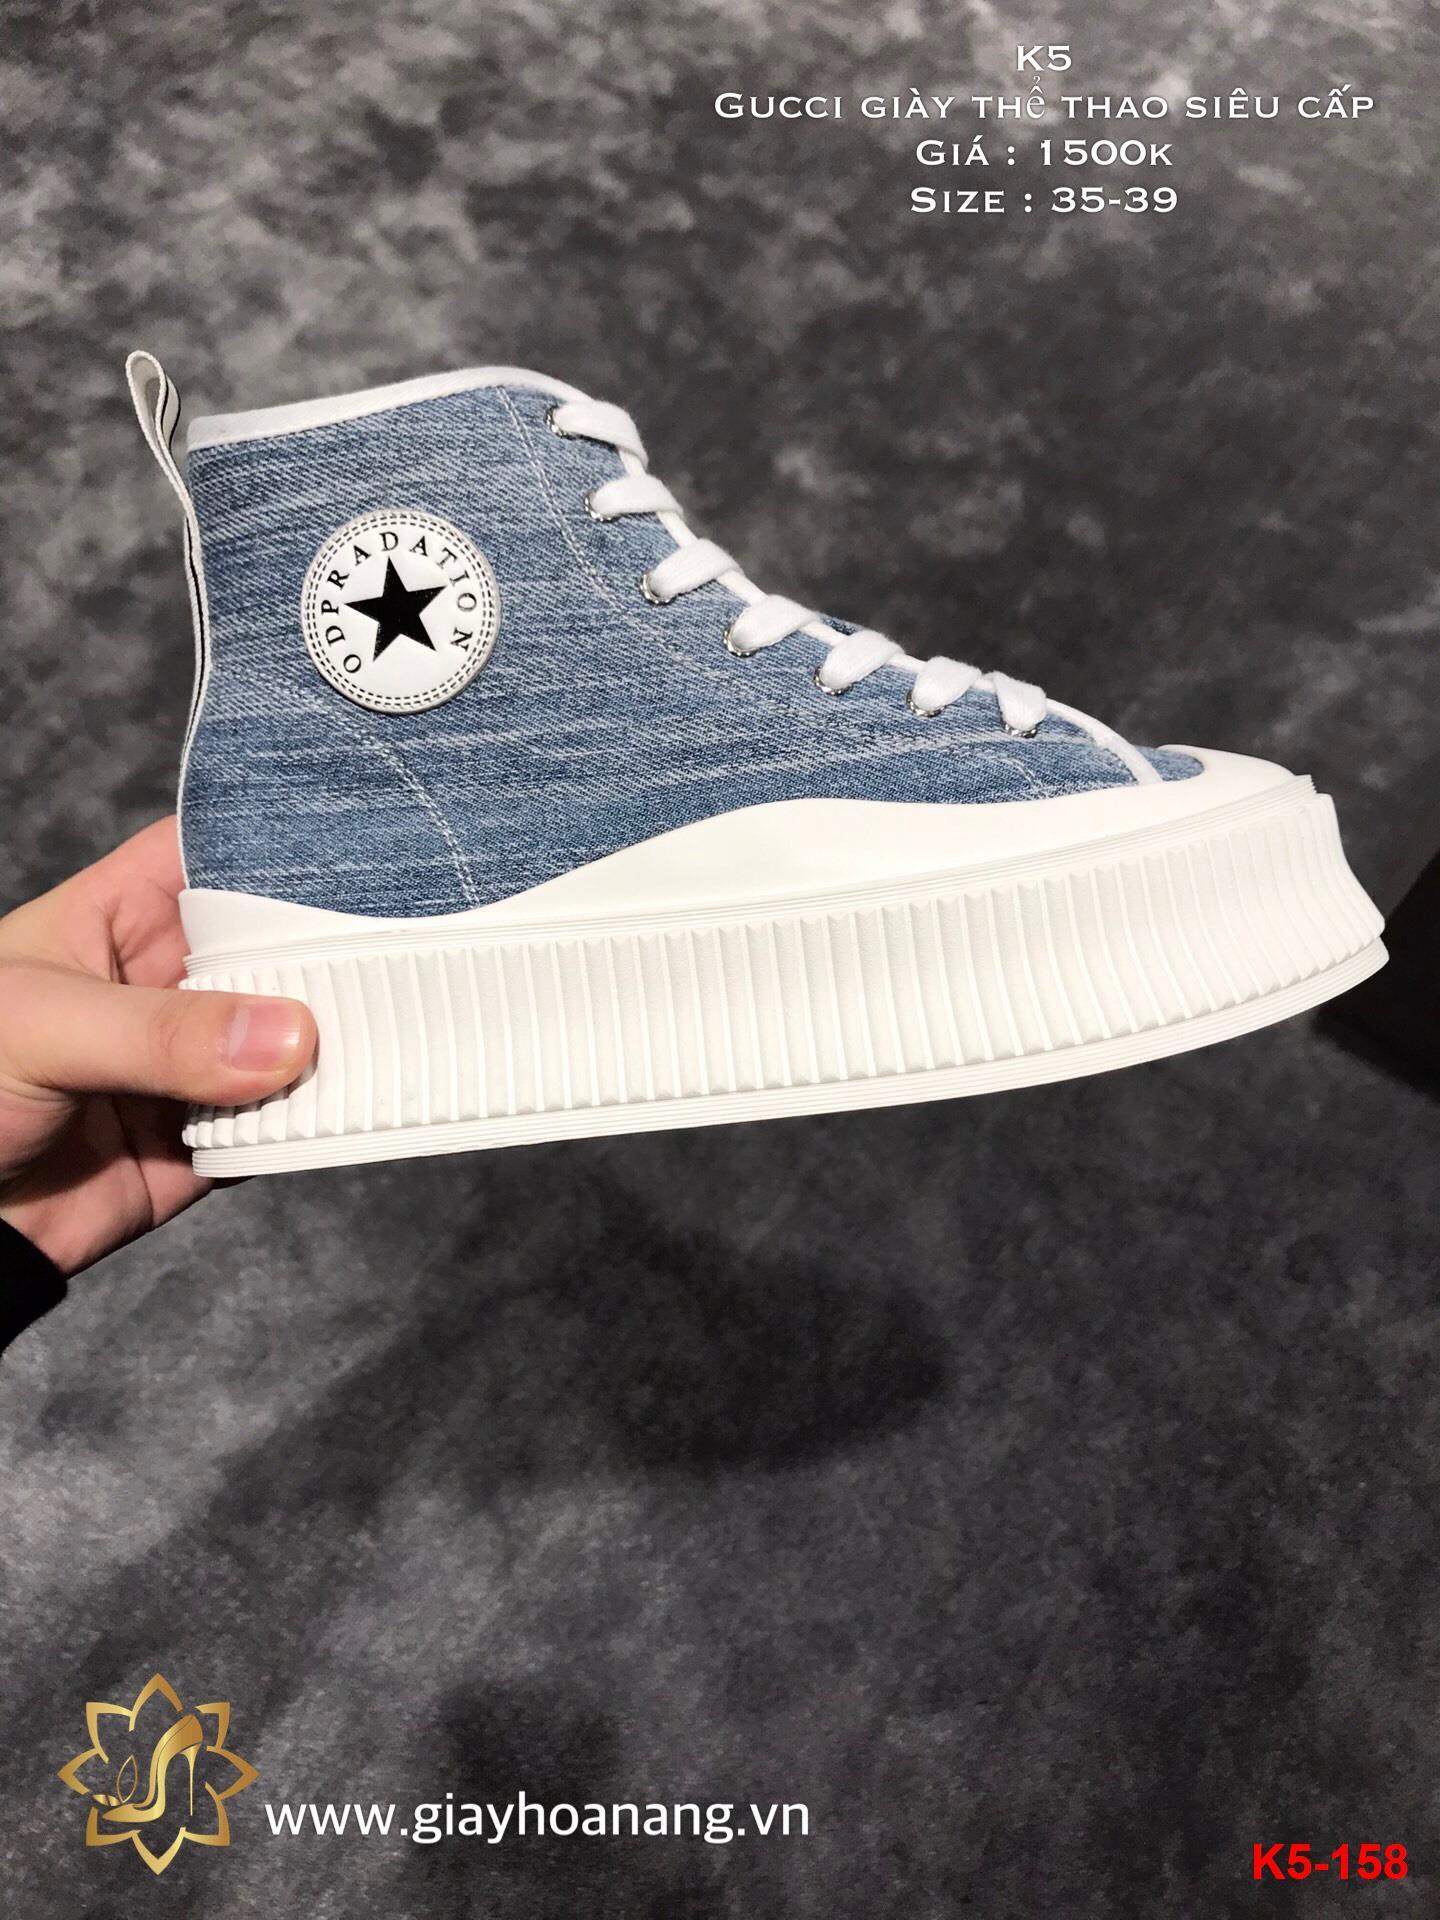 K5-158 Gucci giày thể thao siêu cấp